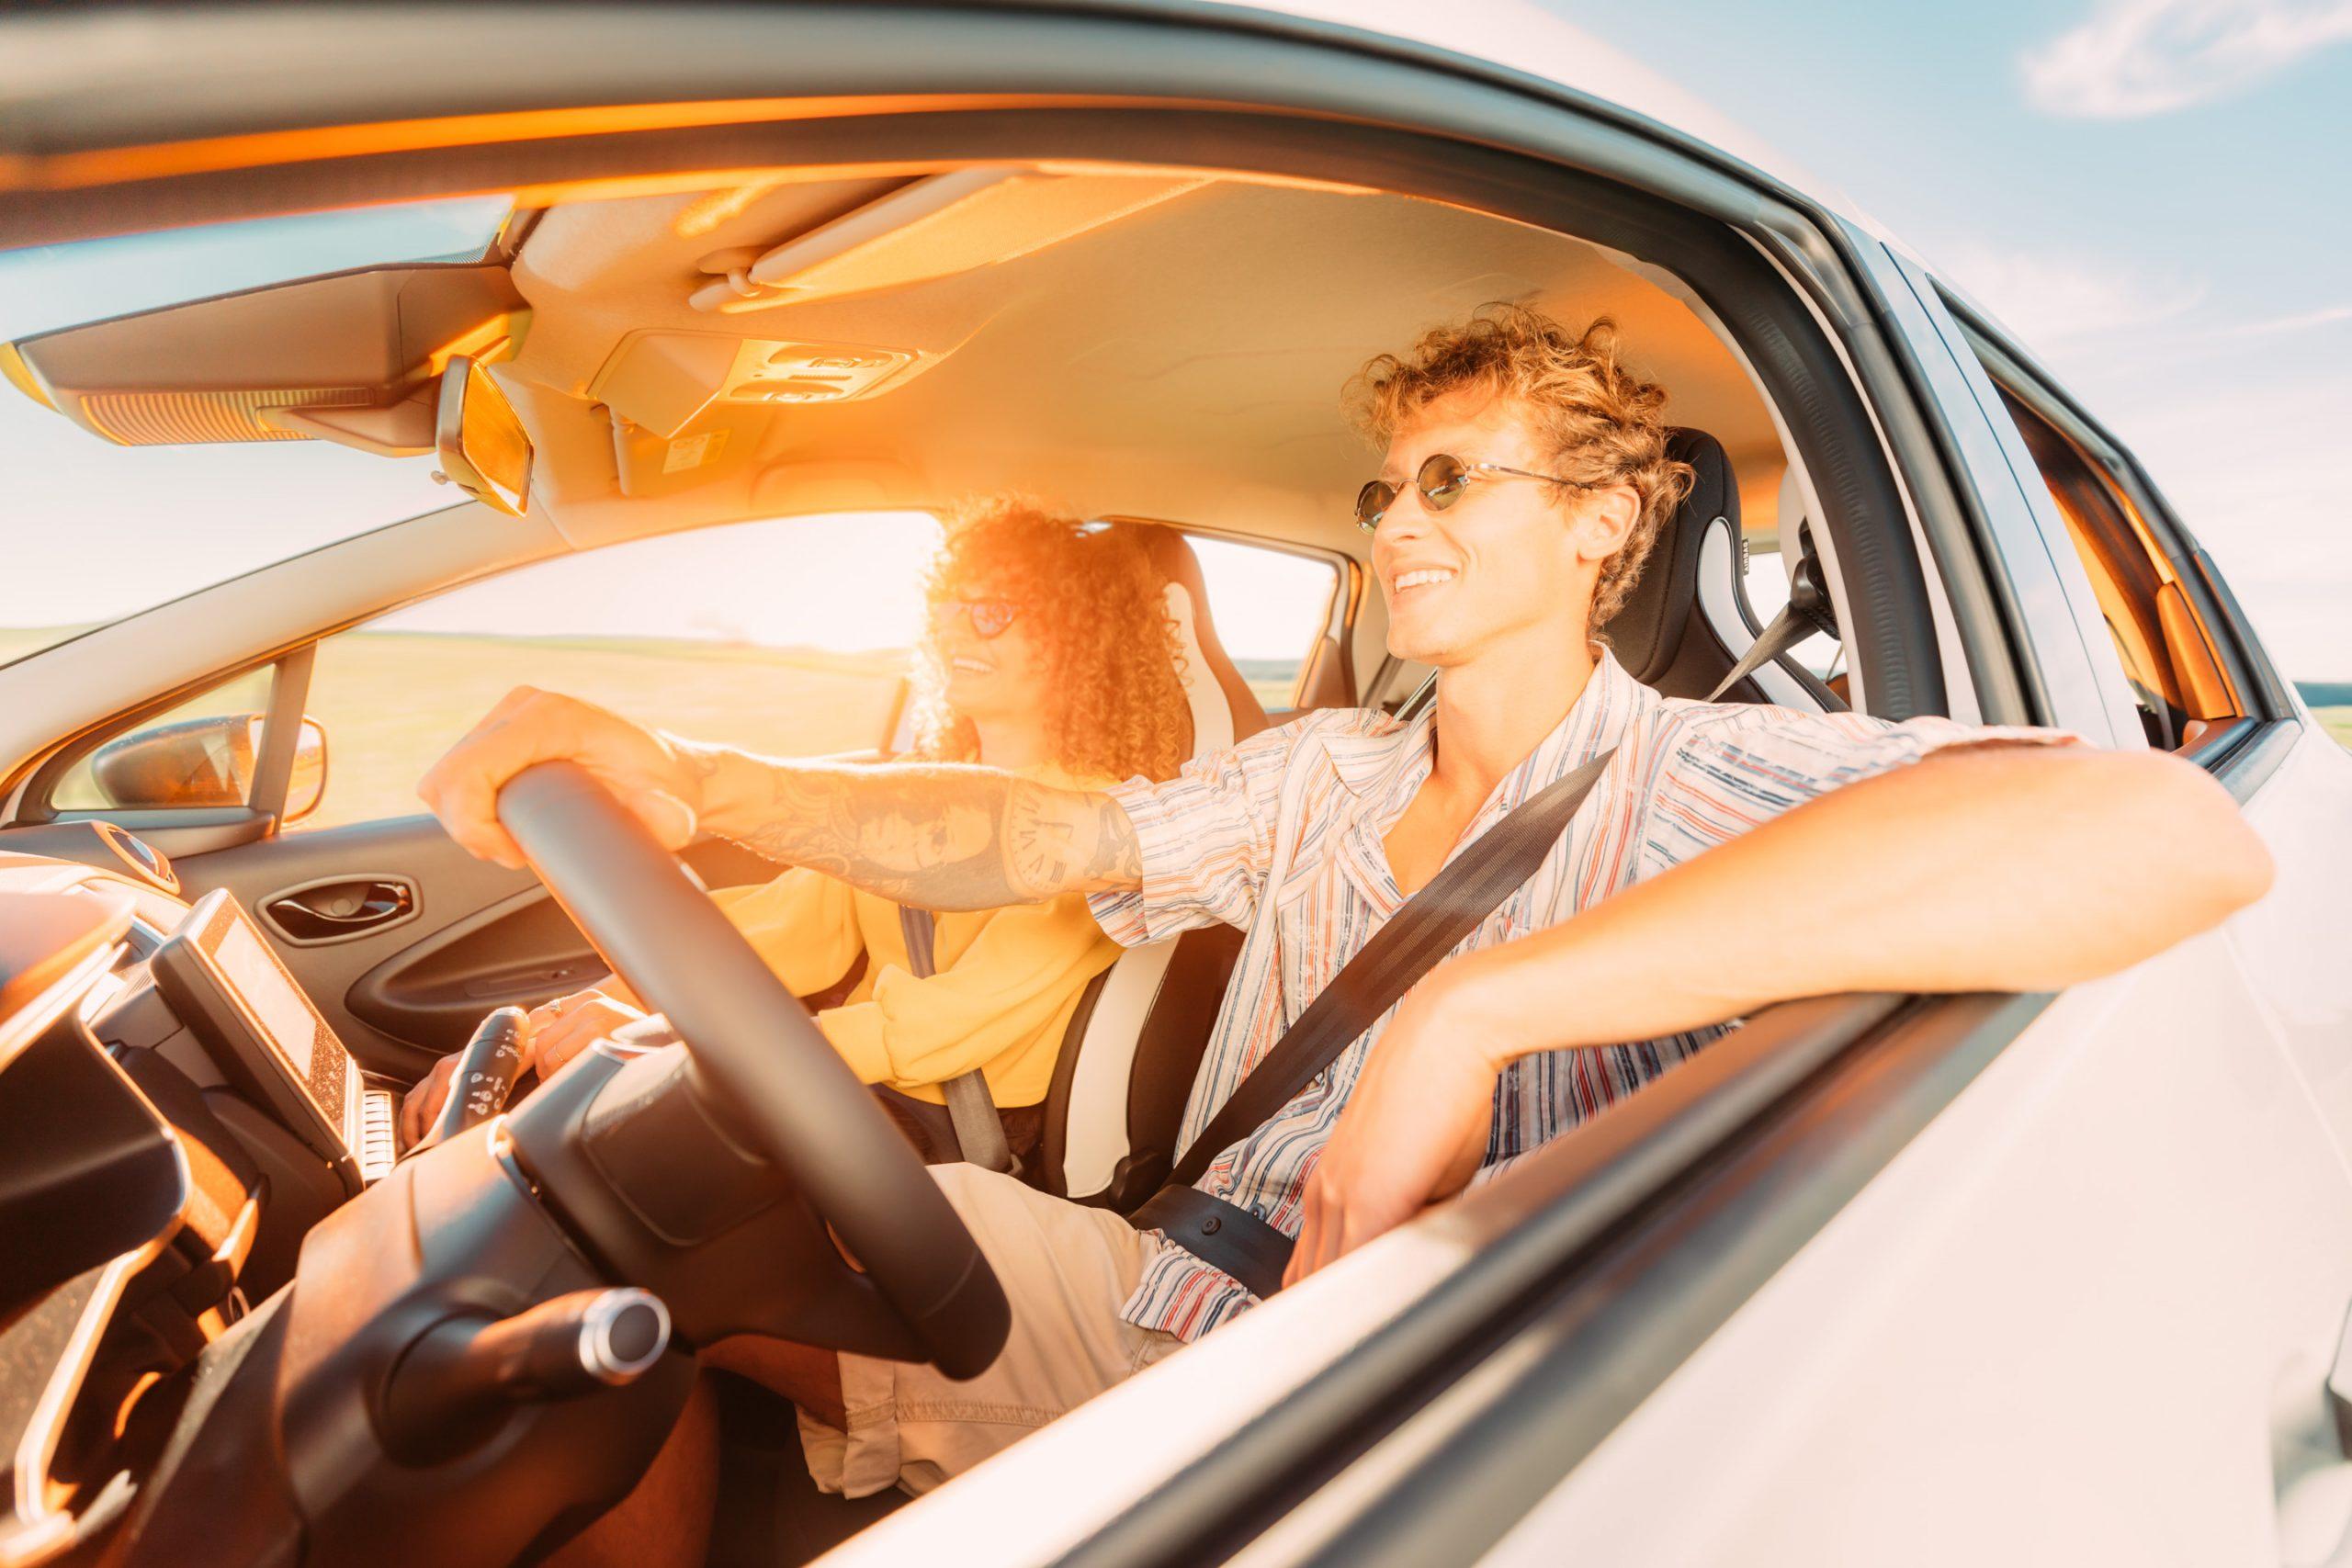 Pärchen fährt über Land grinsend in den Urlaub bei Sonnenuntergang durchs Fenster des Renault Zoe